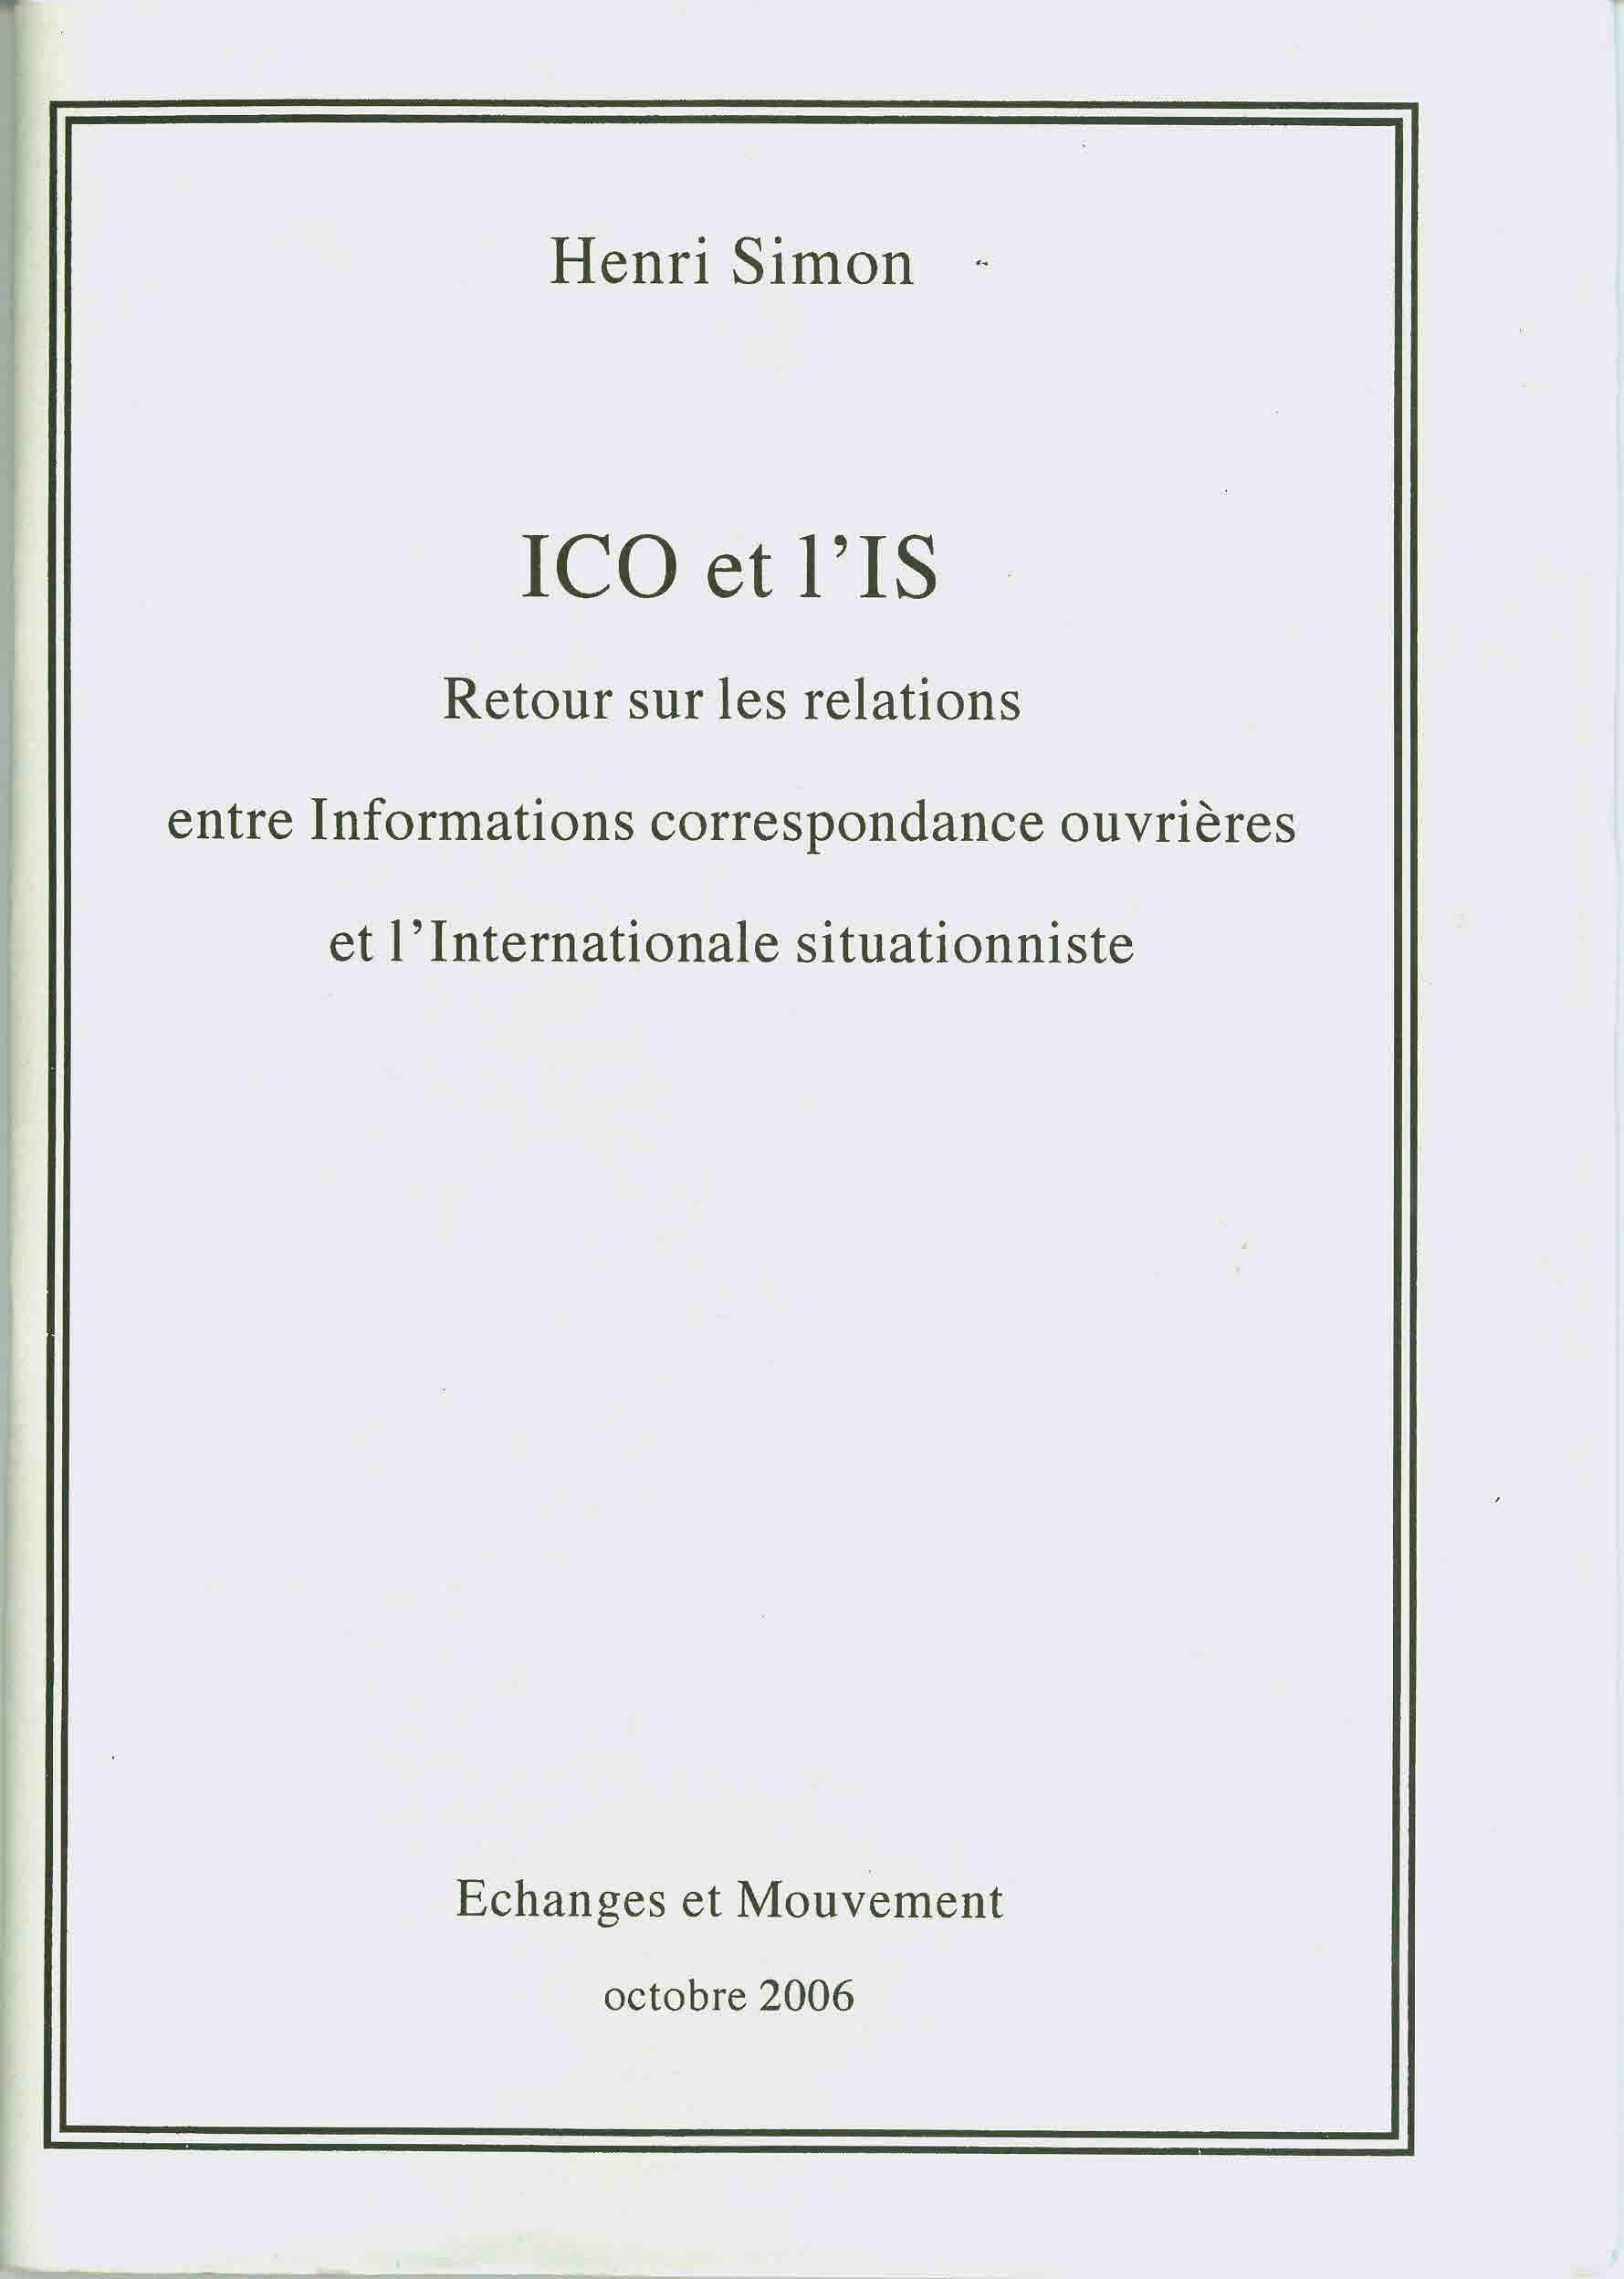 ICO et l'IS